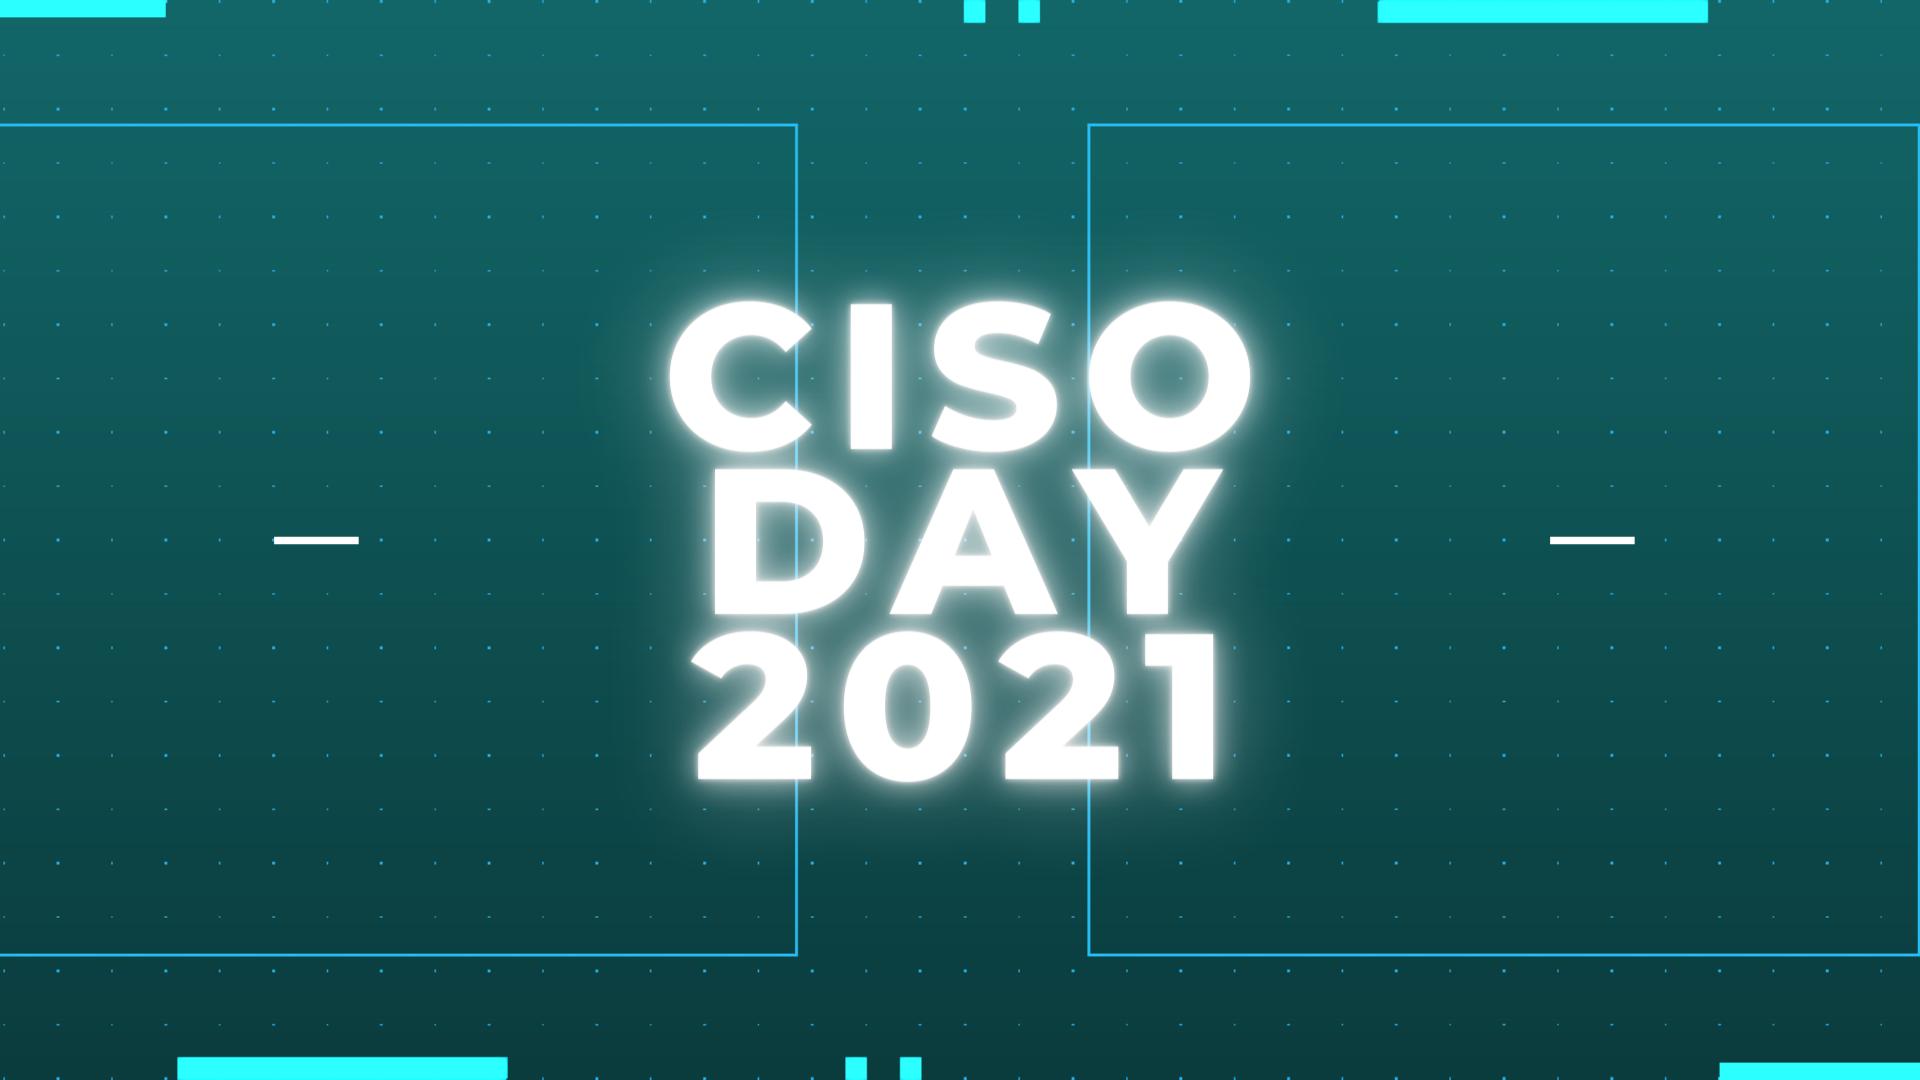 CISO Day celebra su tercera edición en junio: ¿Cómo abordan los responsables de ciberseguridad el incremento del cibercrimen?